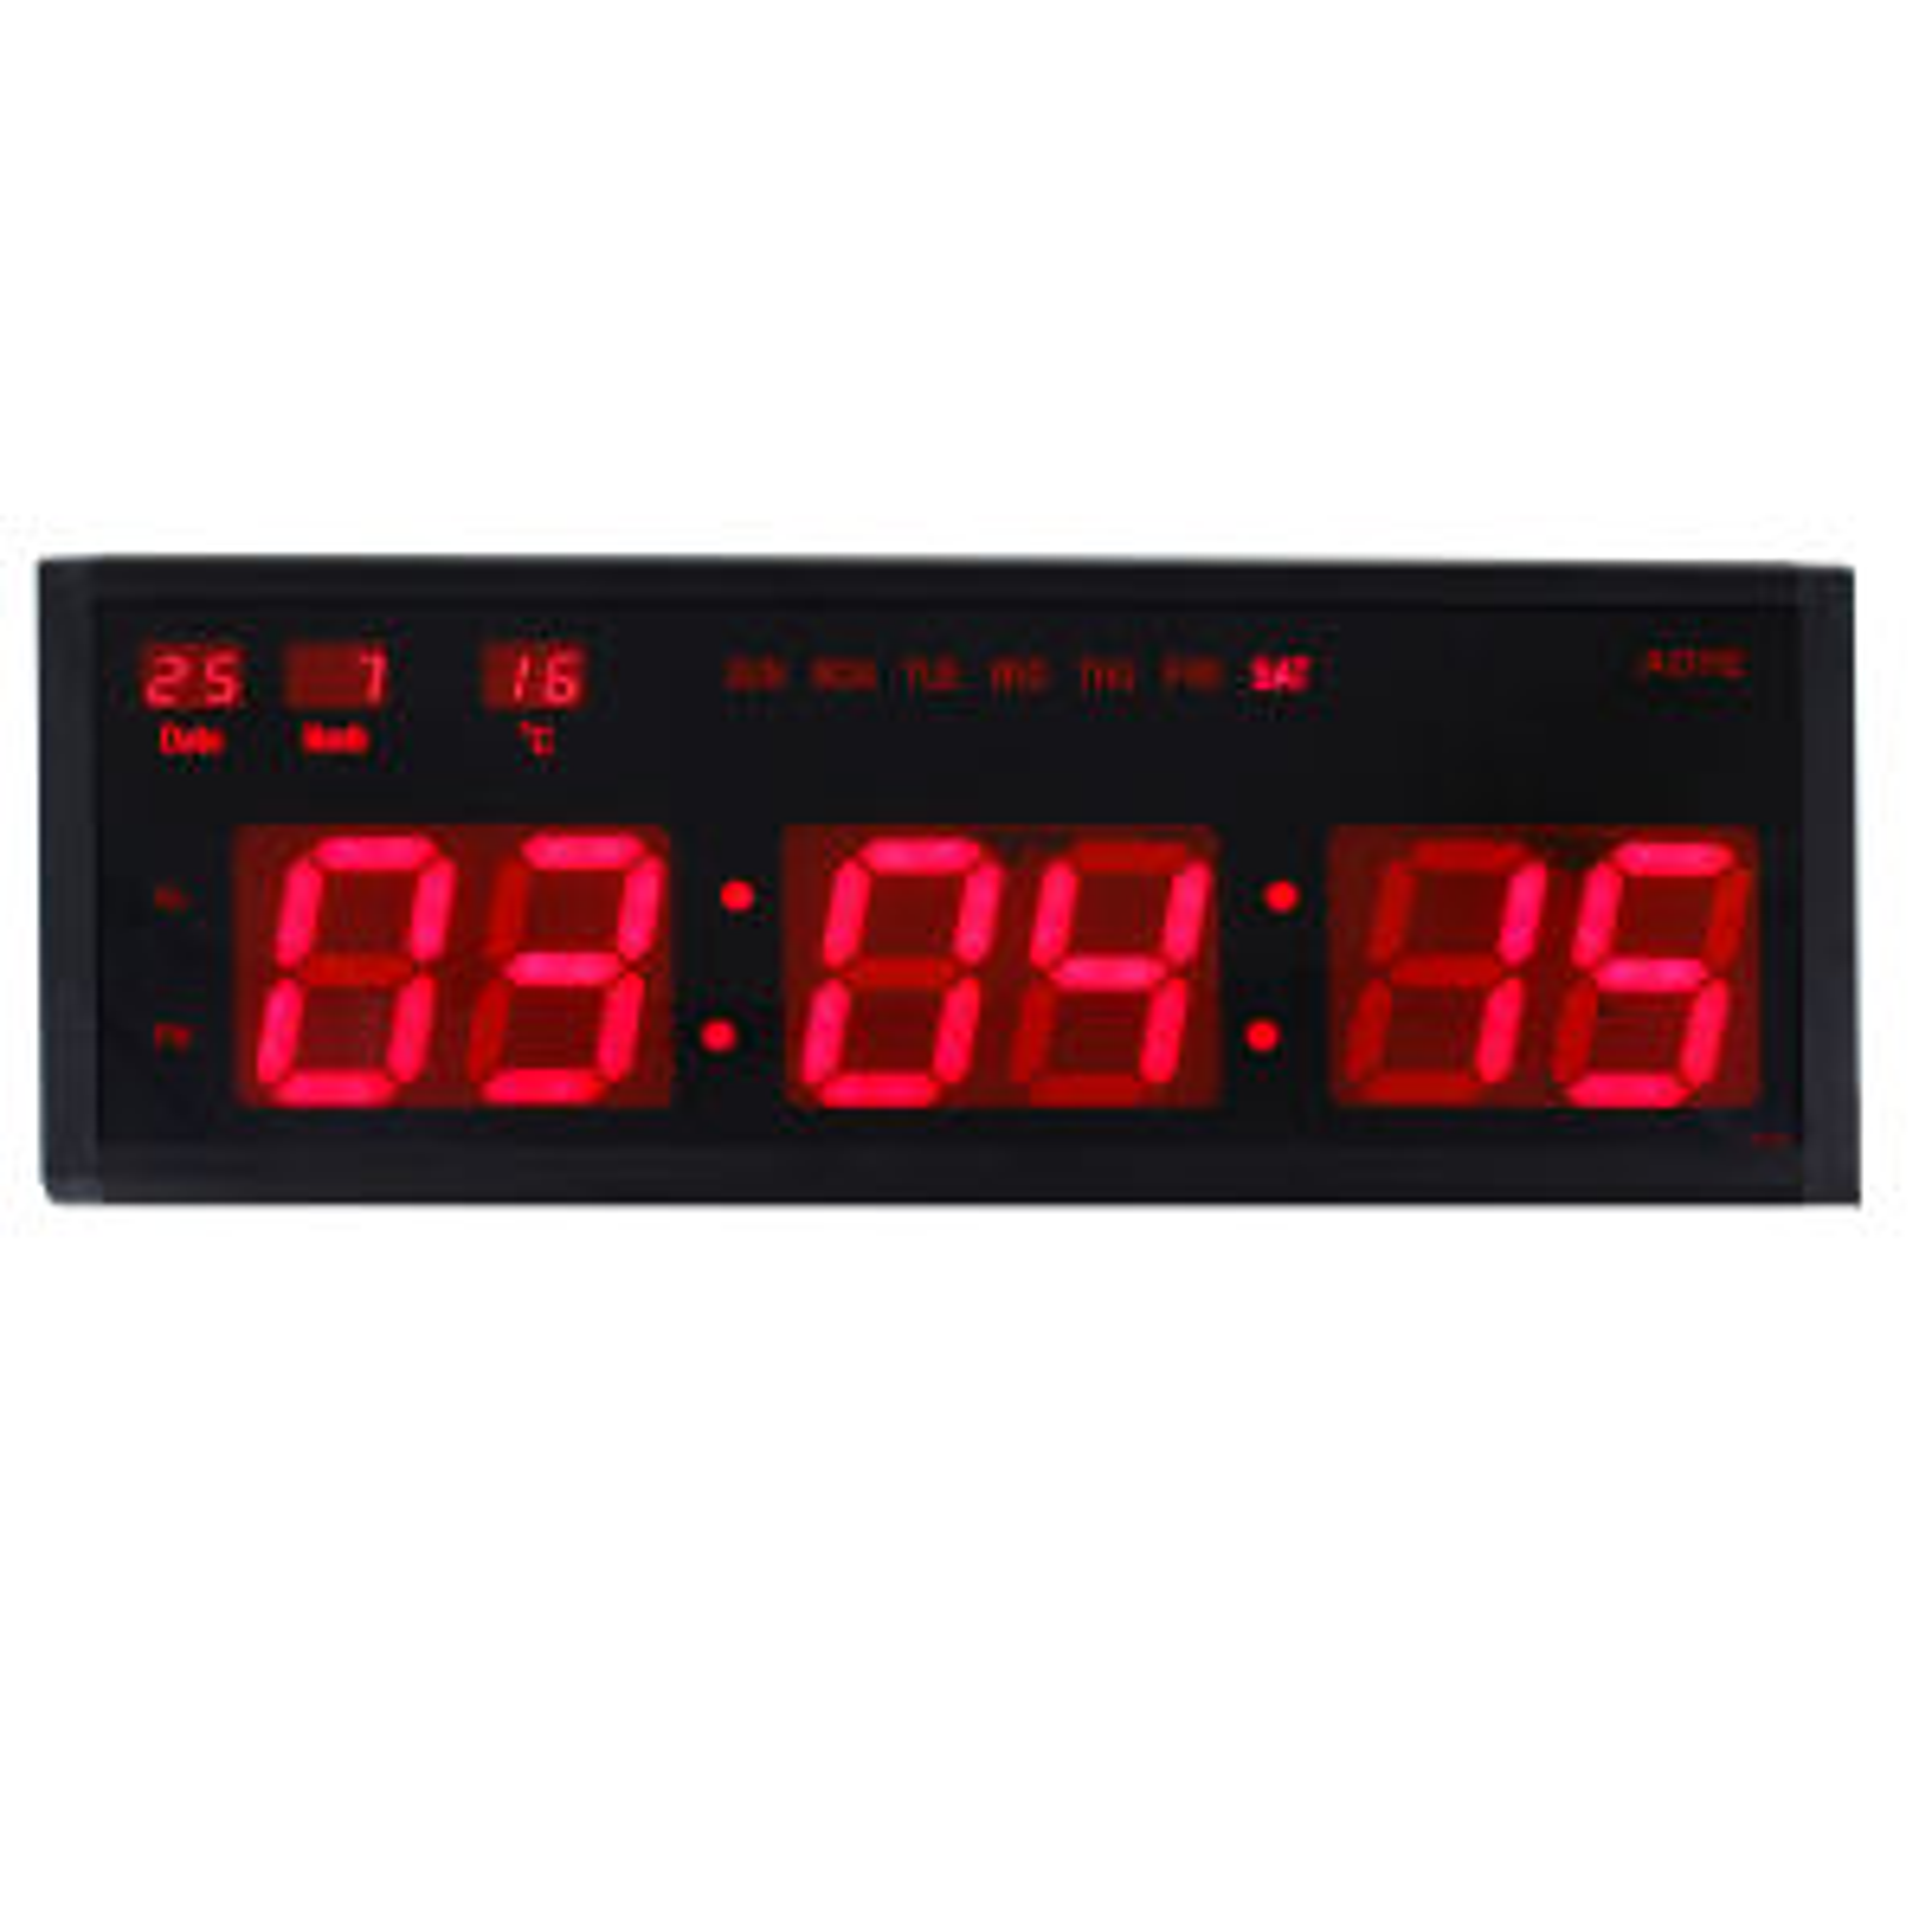 خرید ساعت دیواری دیجیتال مدل 4819  سایز 19 در 48 سانتیمتر